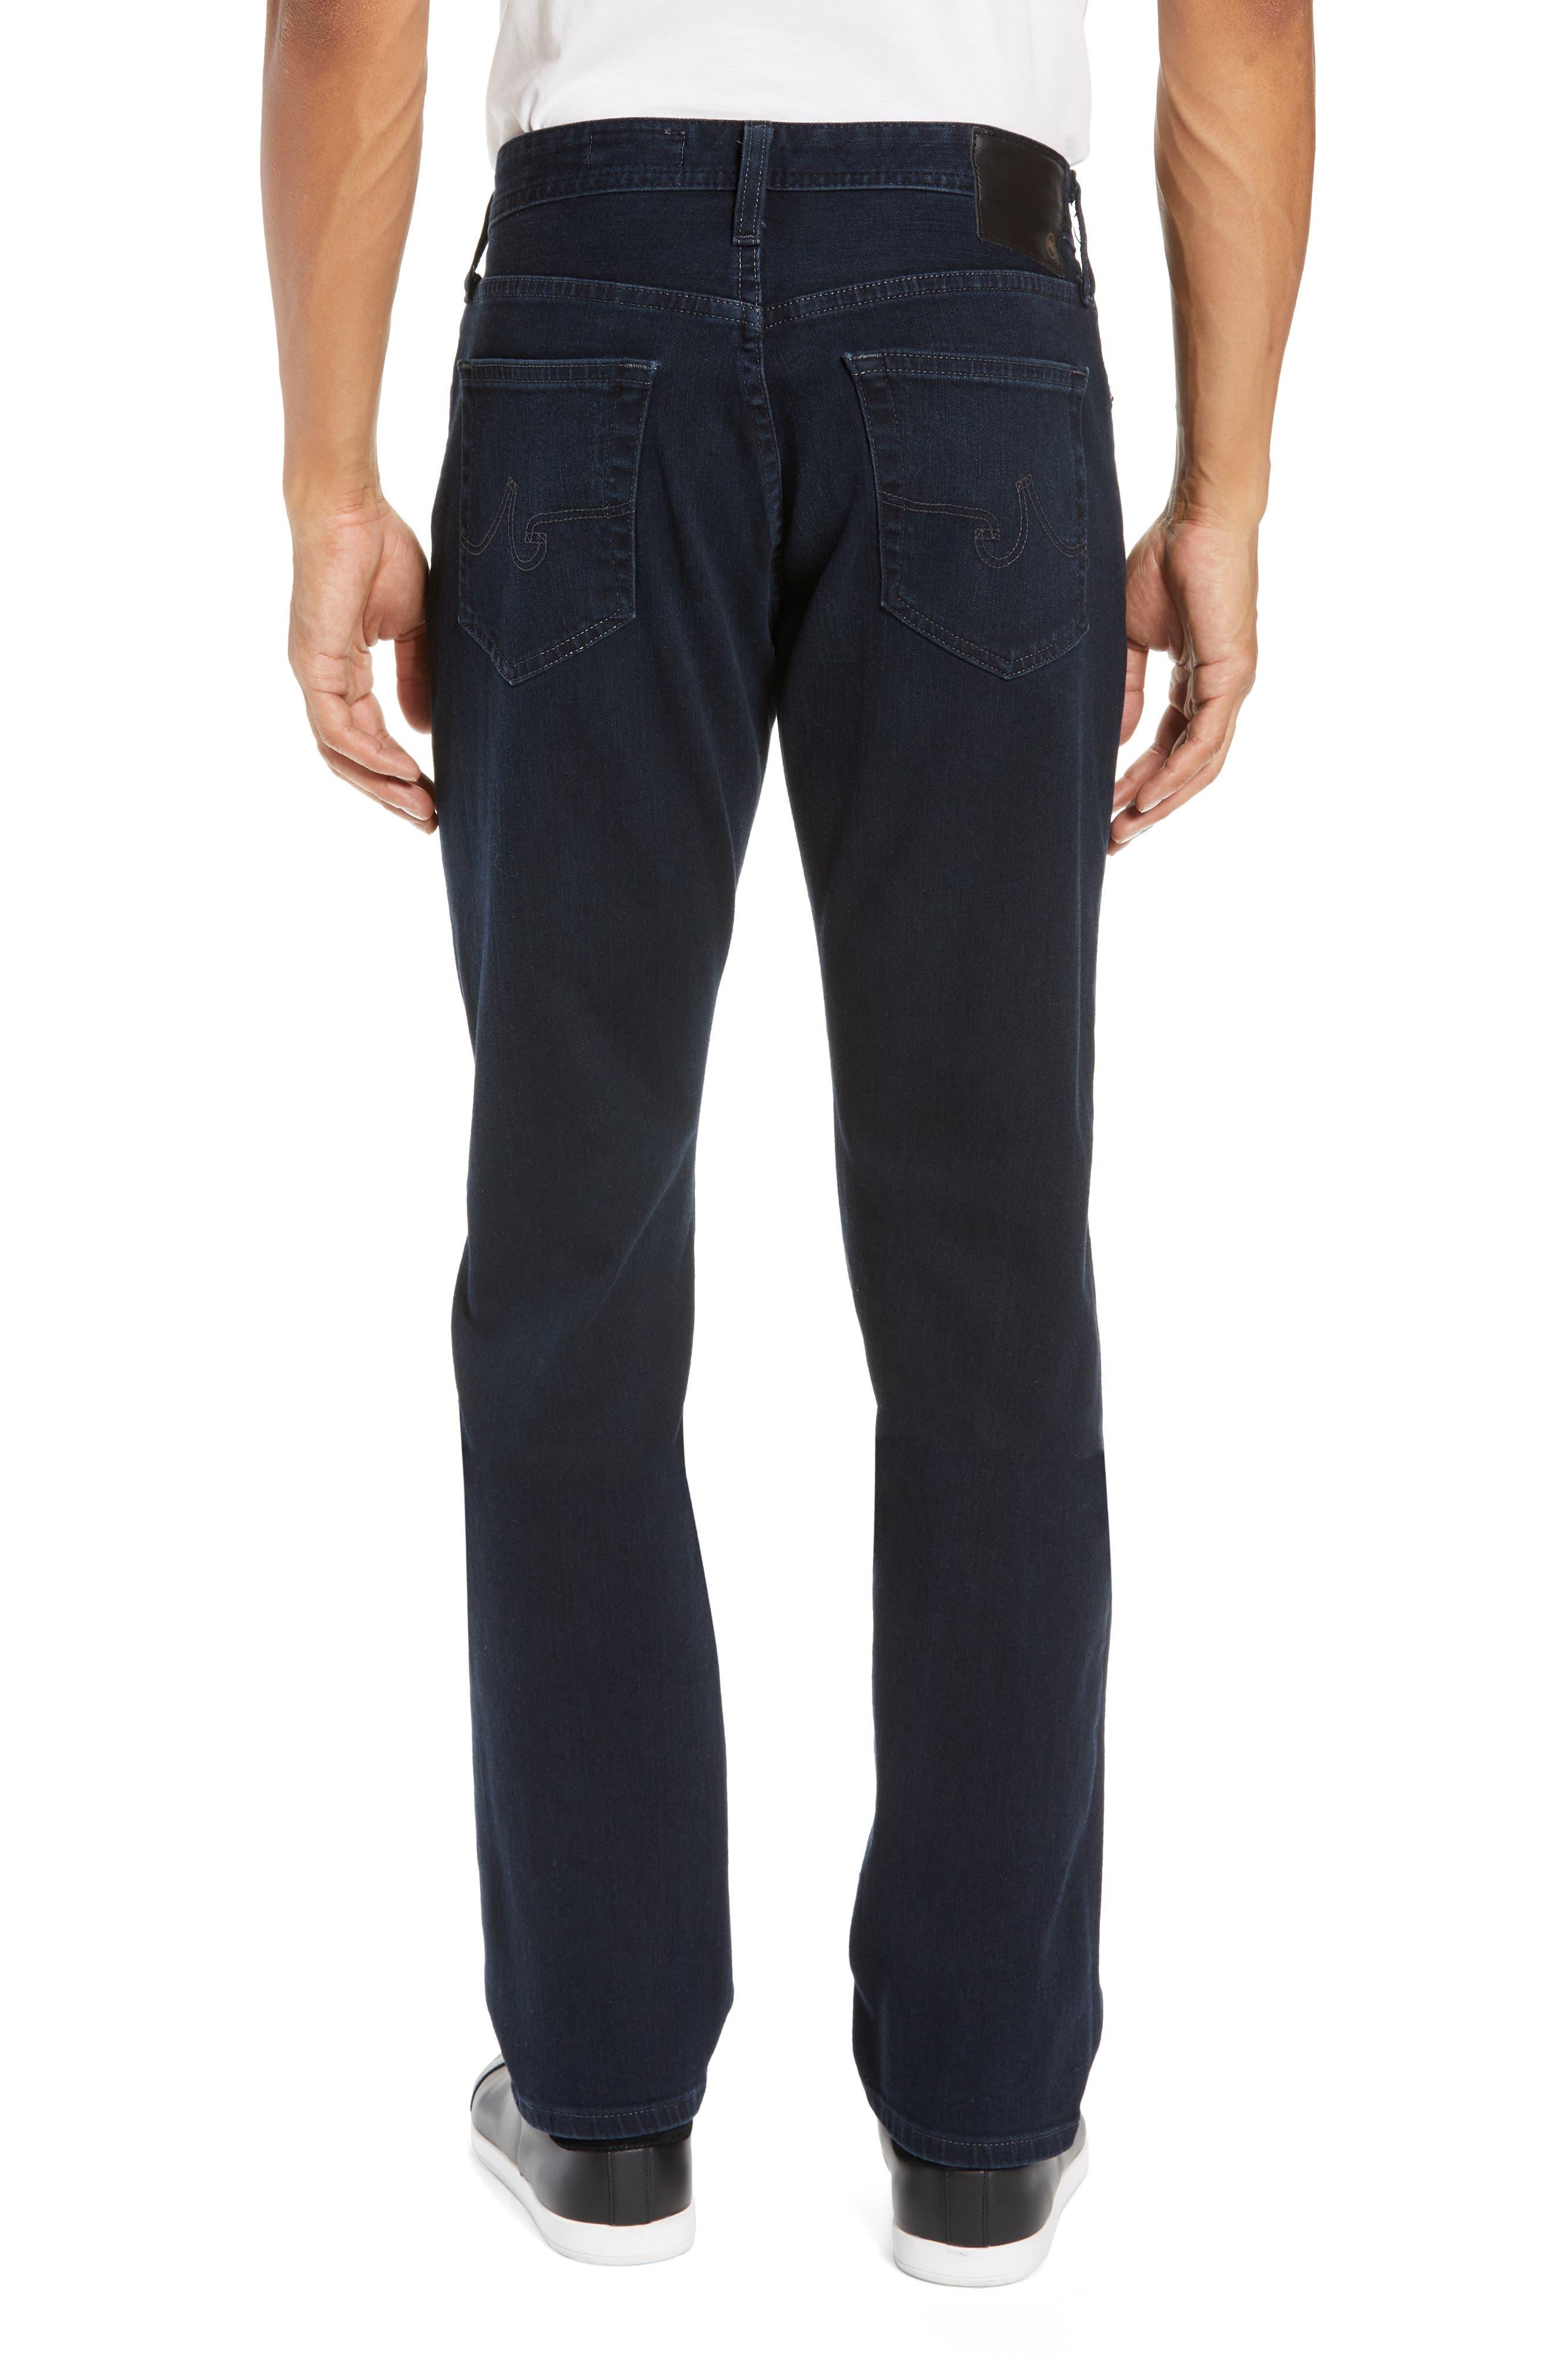 Everett Slim Straight Jeans,                             Alternate thumbnail 2, color,                             ORISON